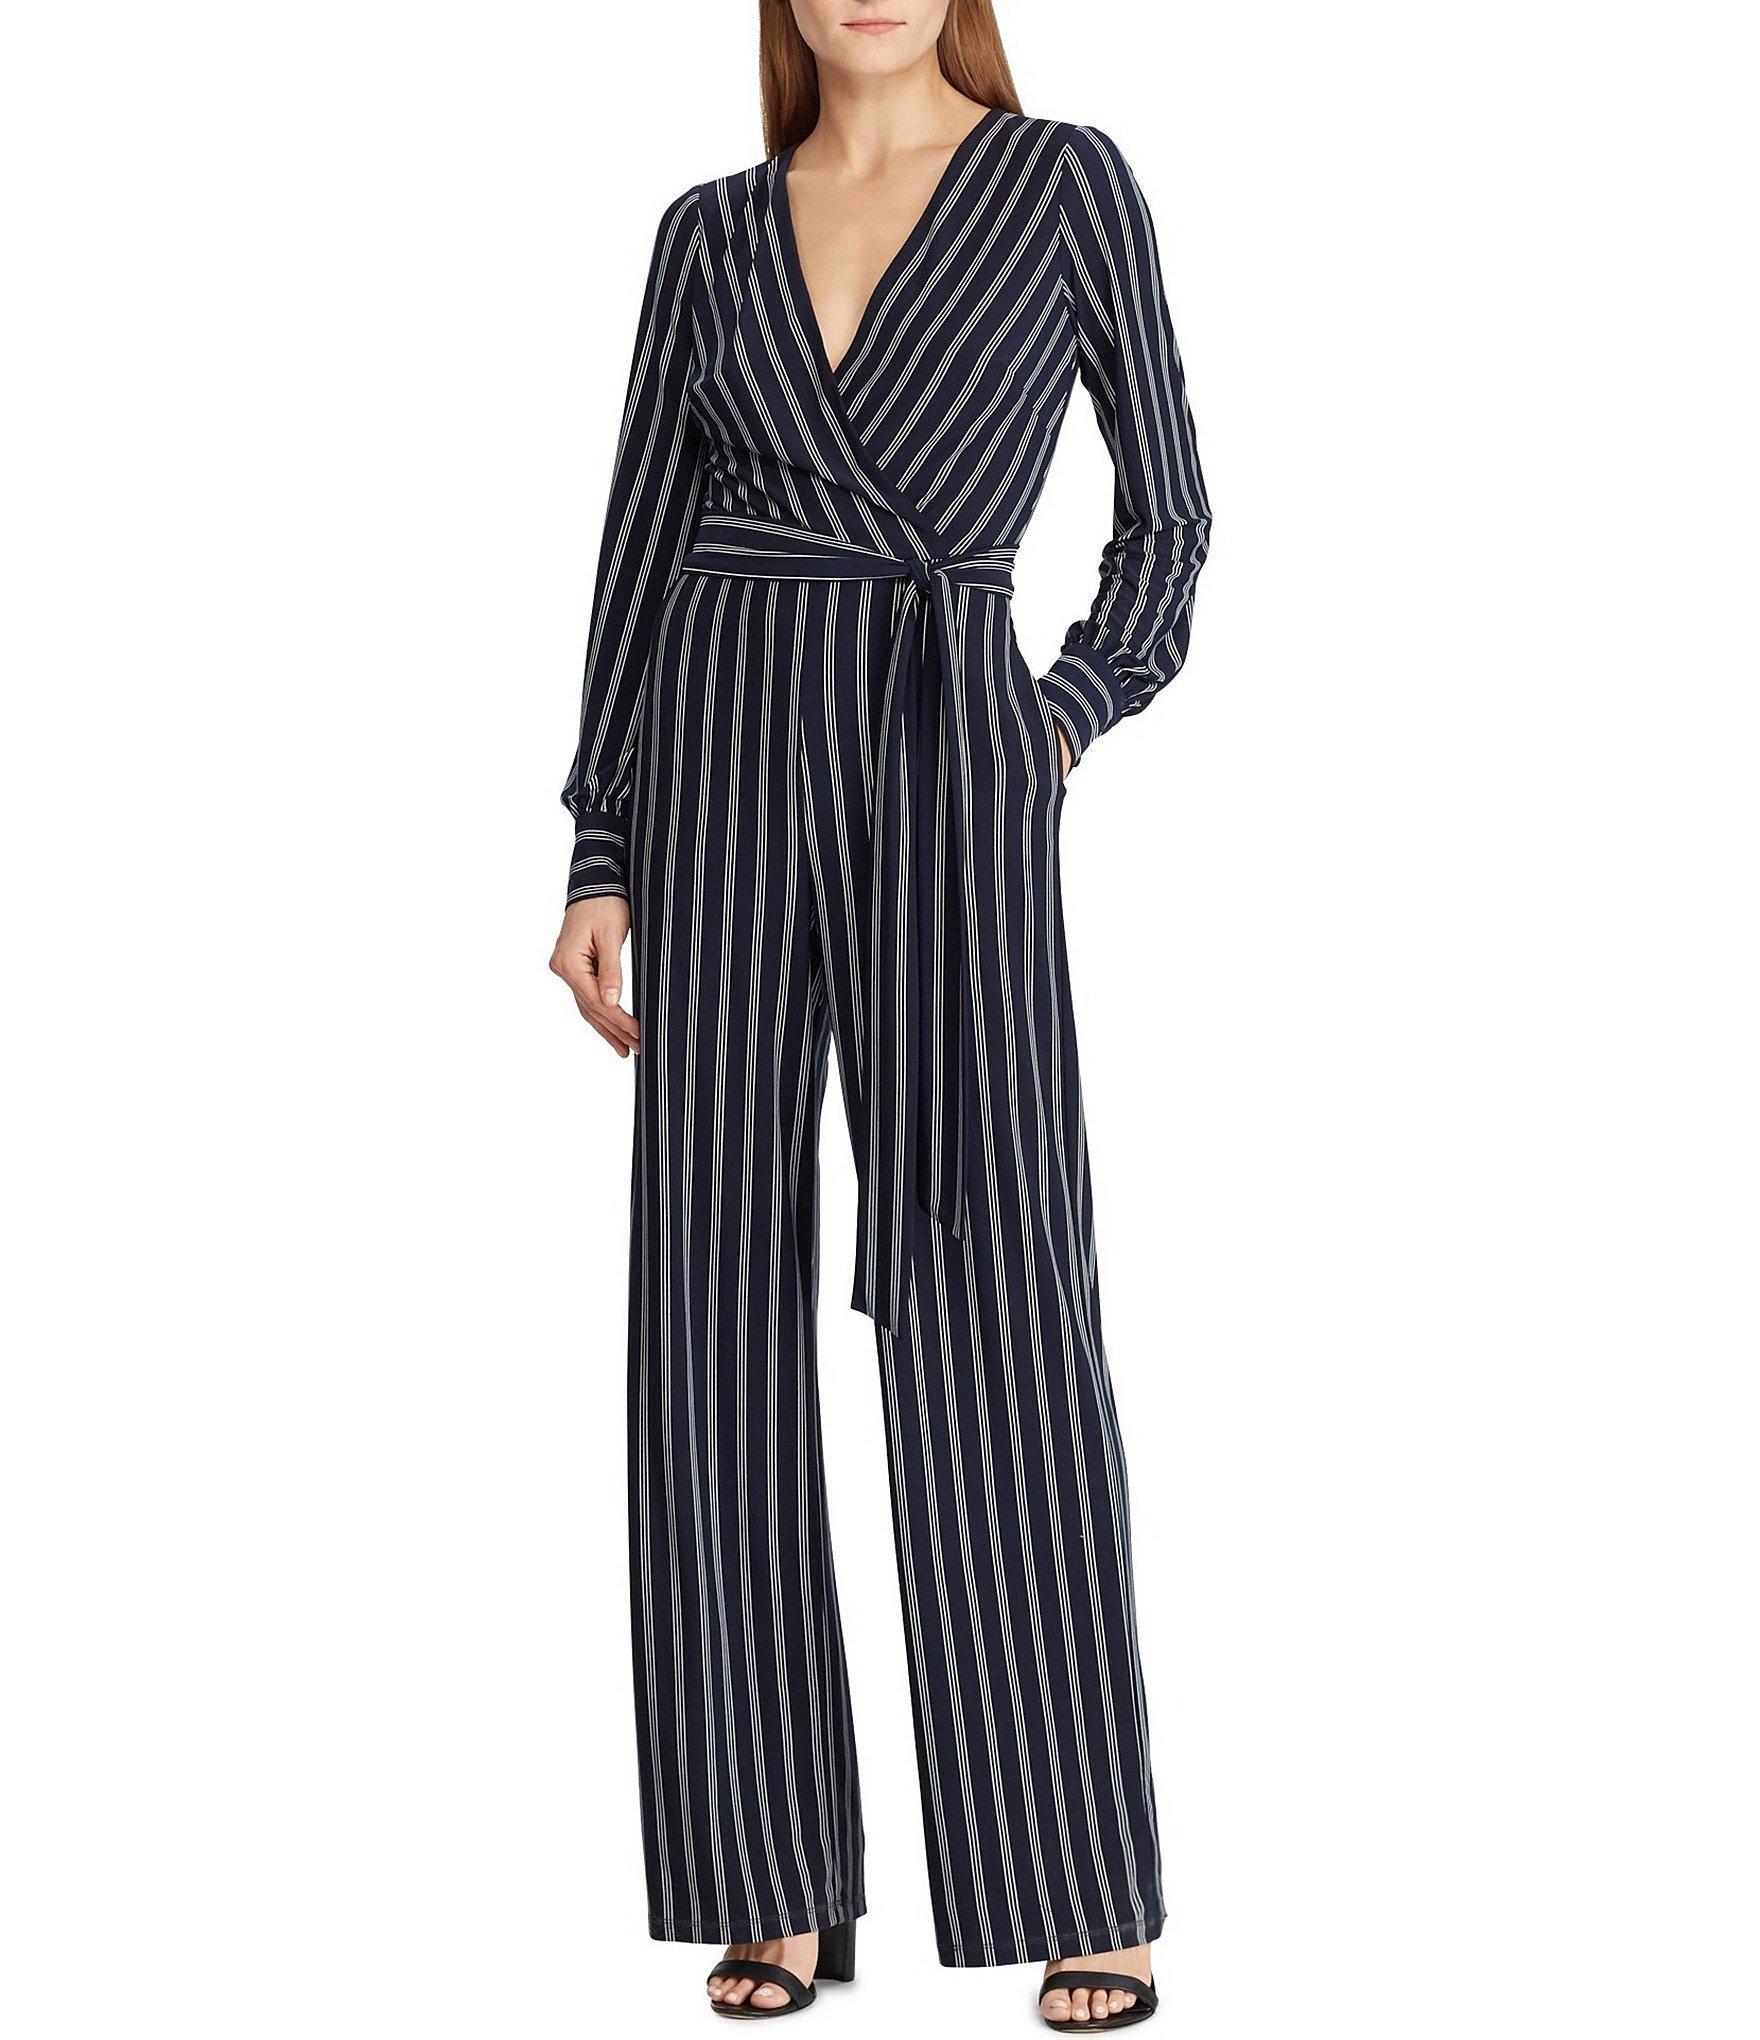 fdc64806428 Lyst - Lauren by Ralph Lauren Striped Surplice V-neck Tie Waist ...